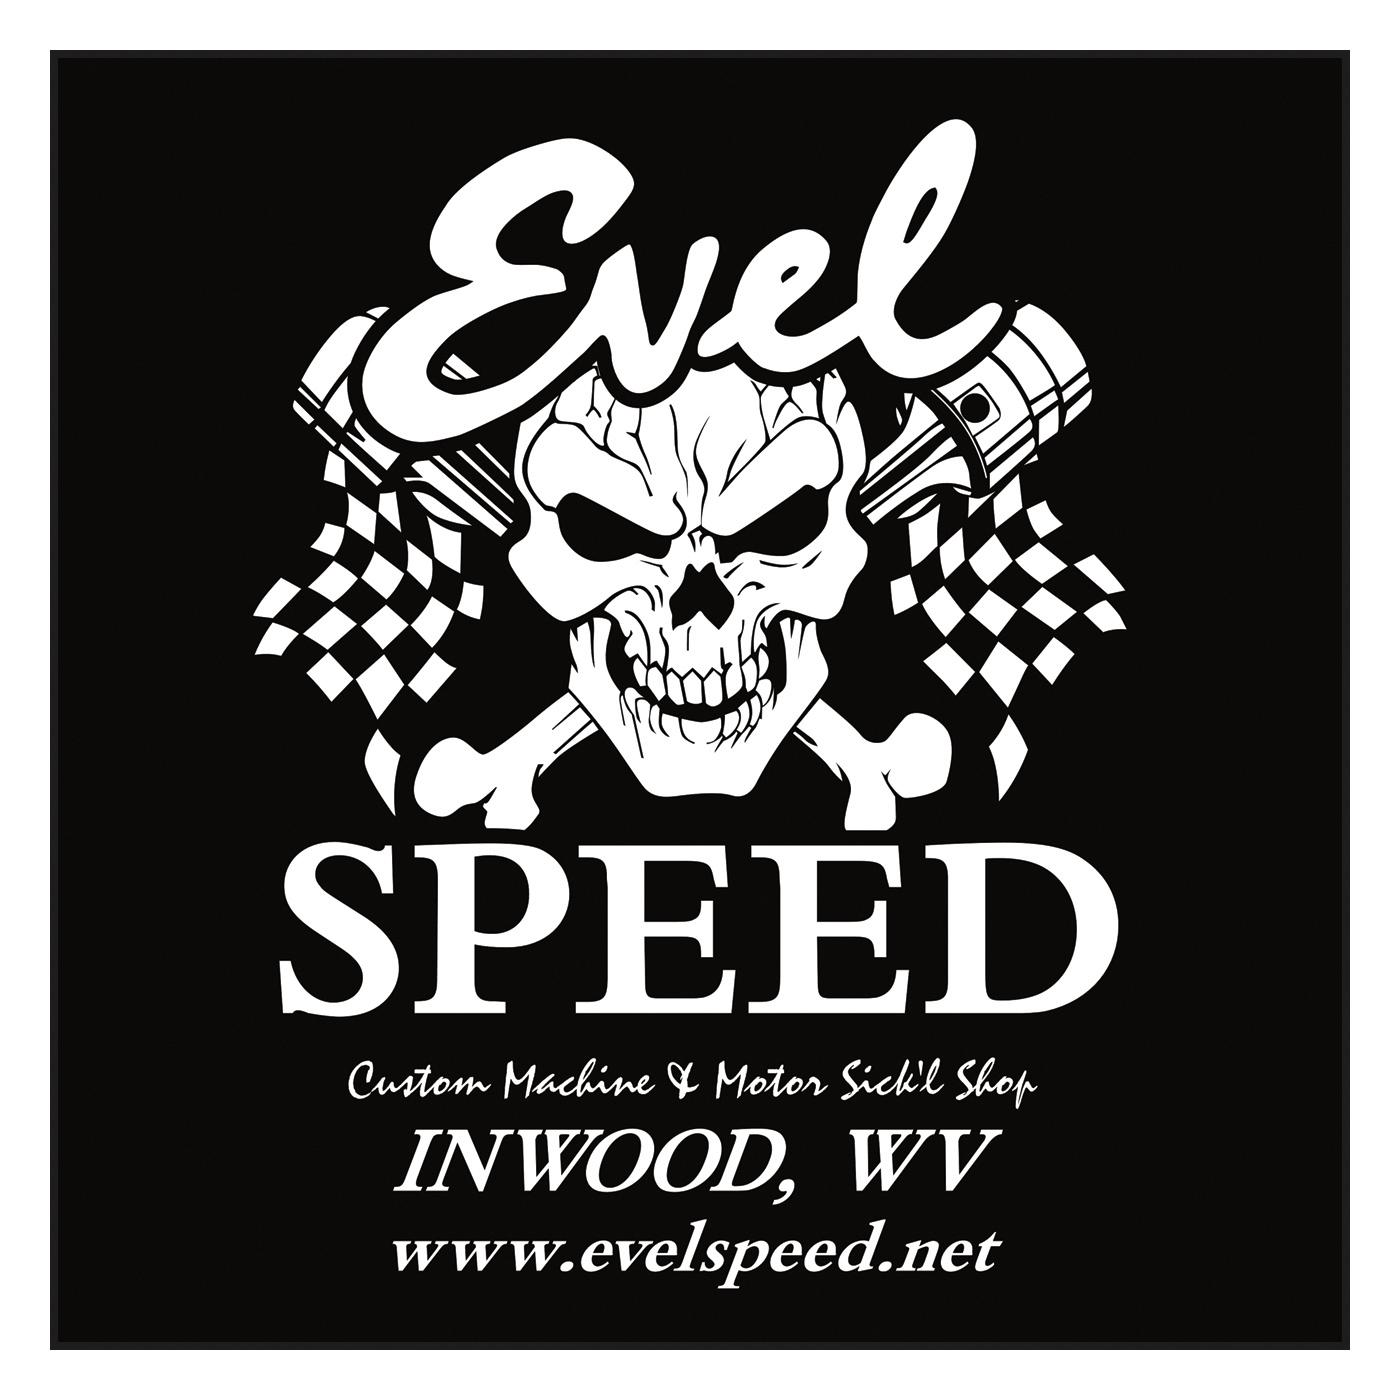 Evel Speed (2)